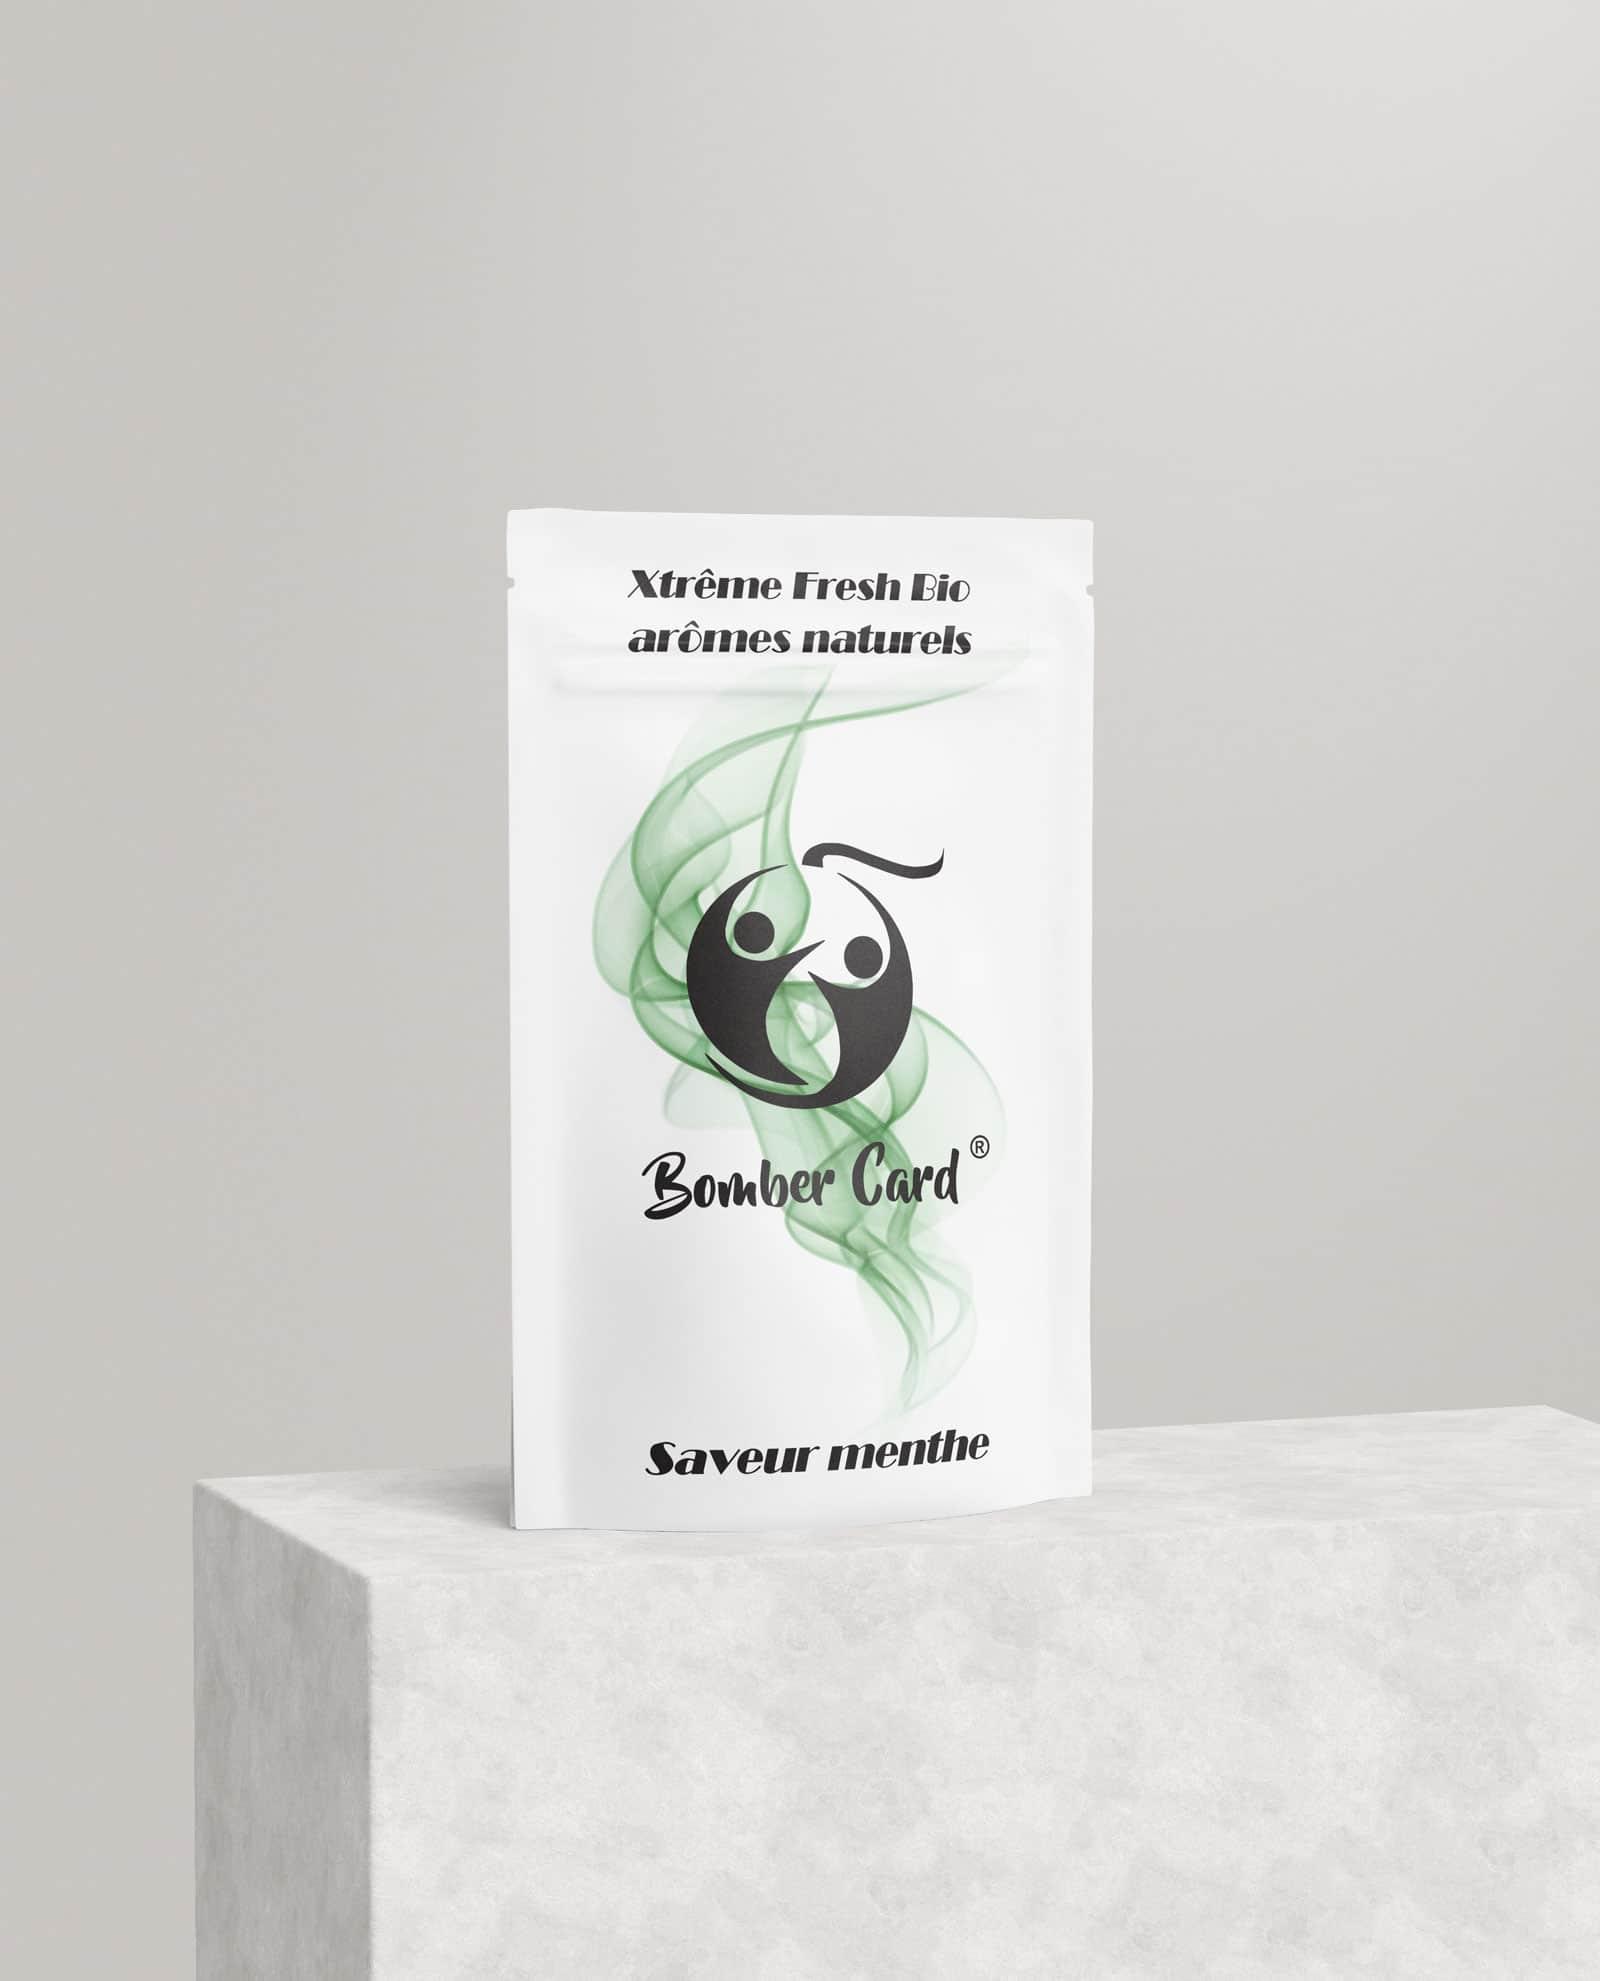 Étiquette Bomber Card